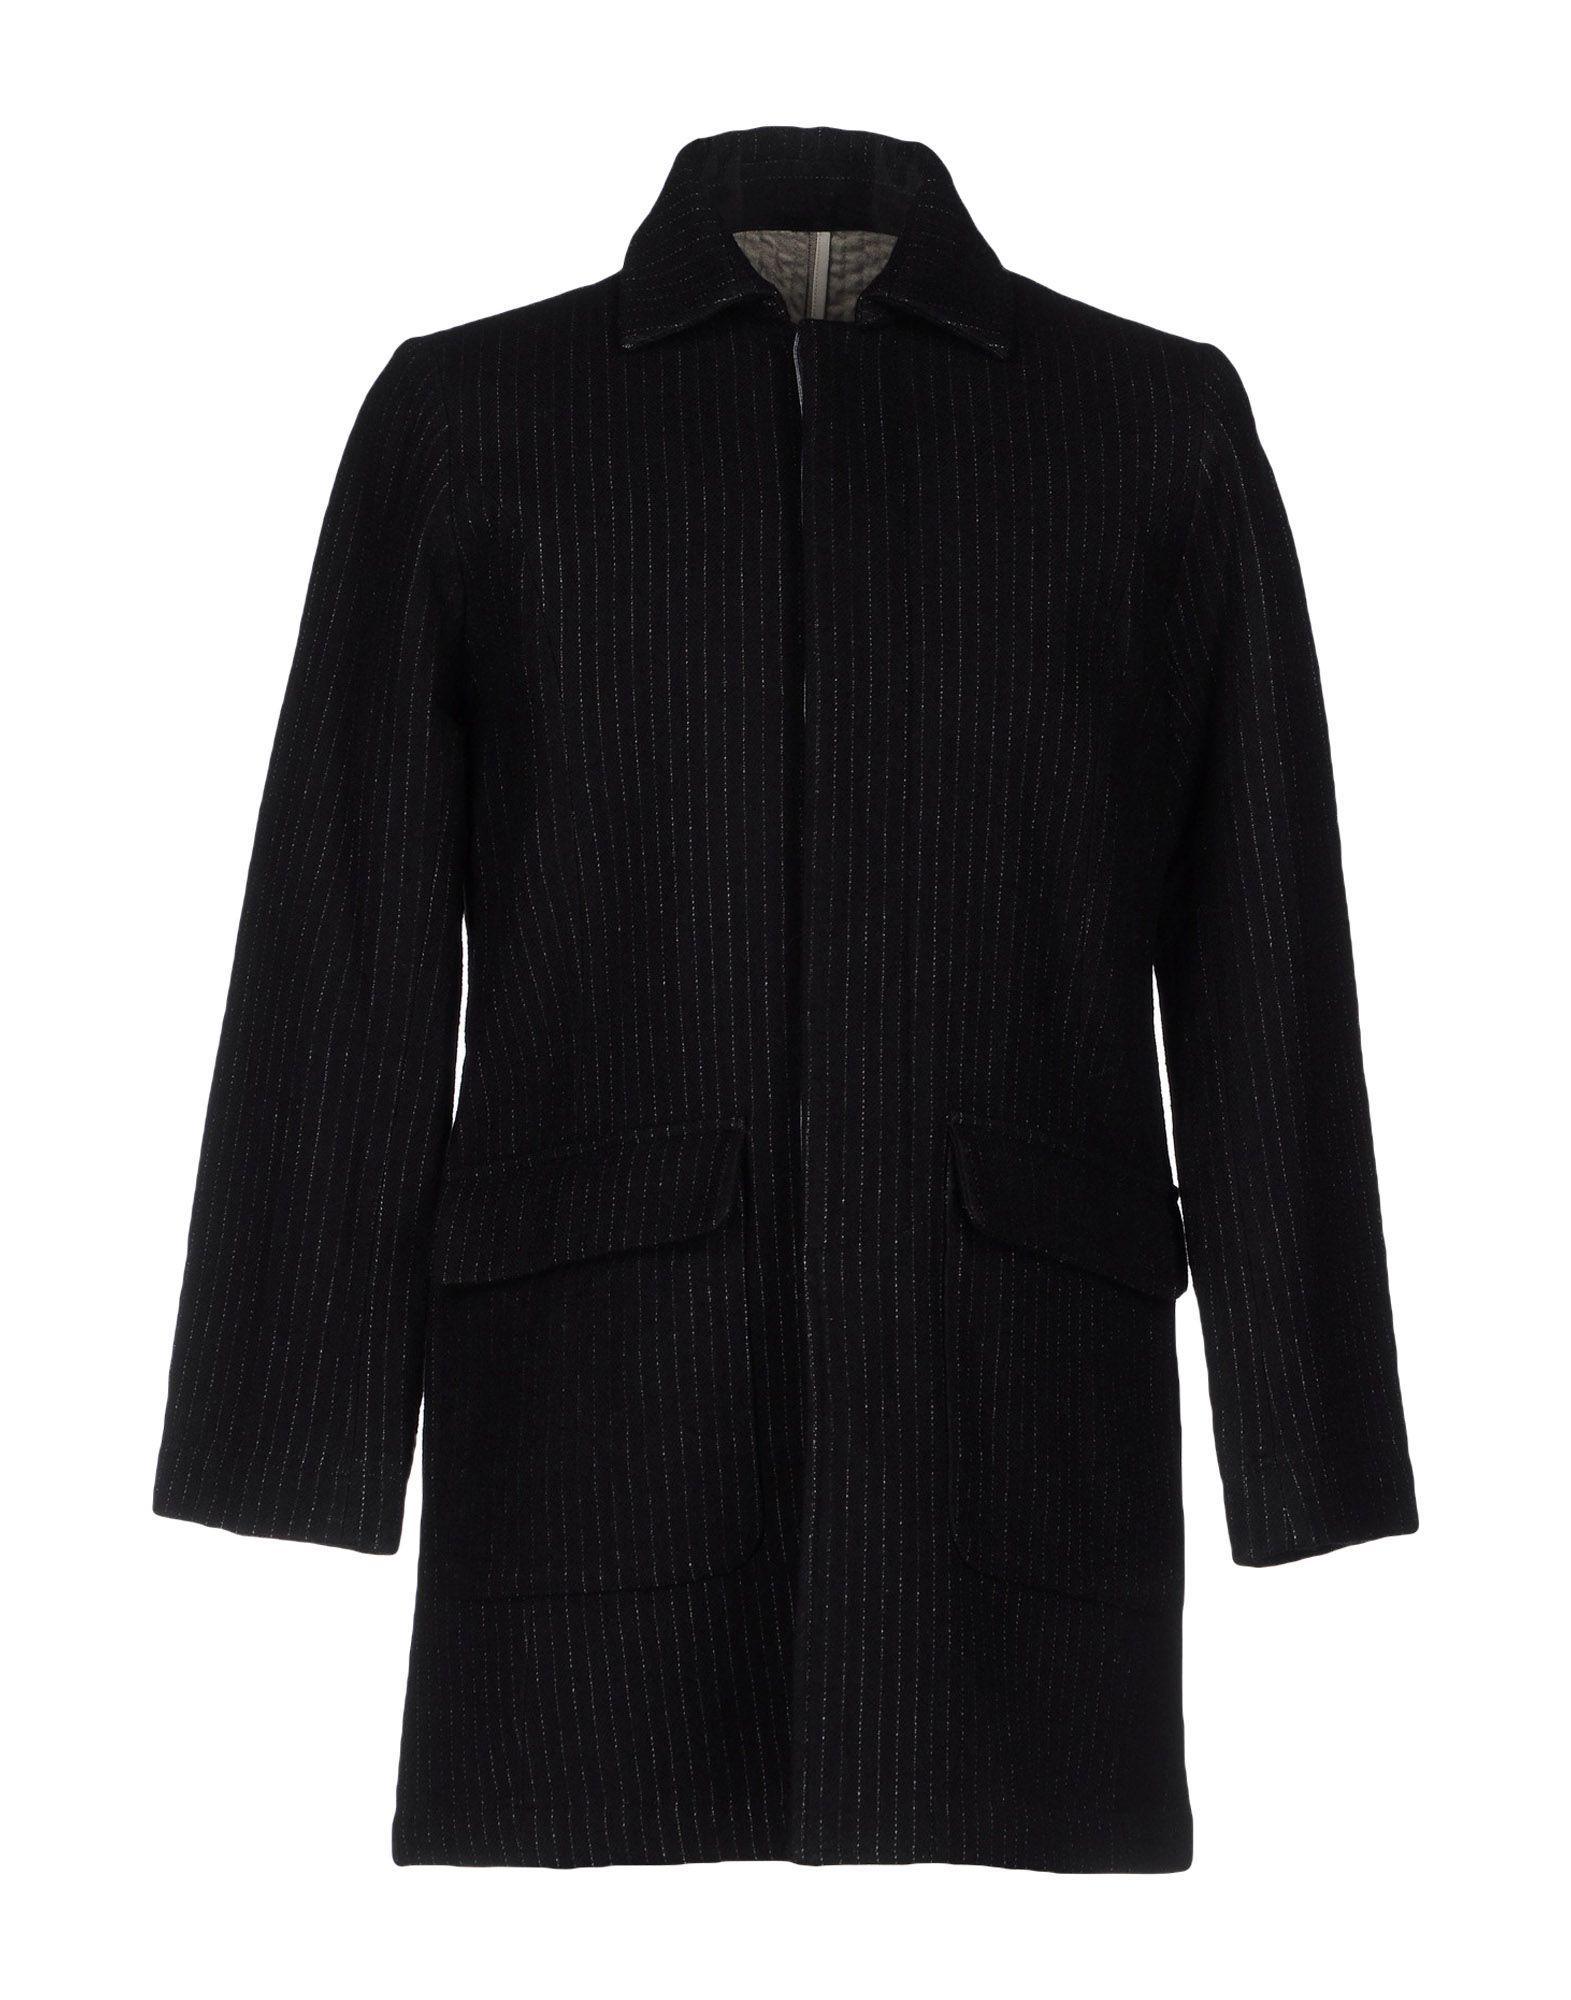 Itineris Coat In Black